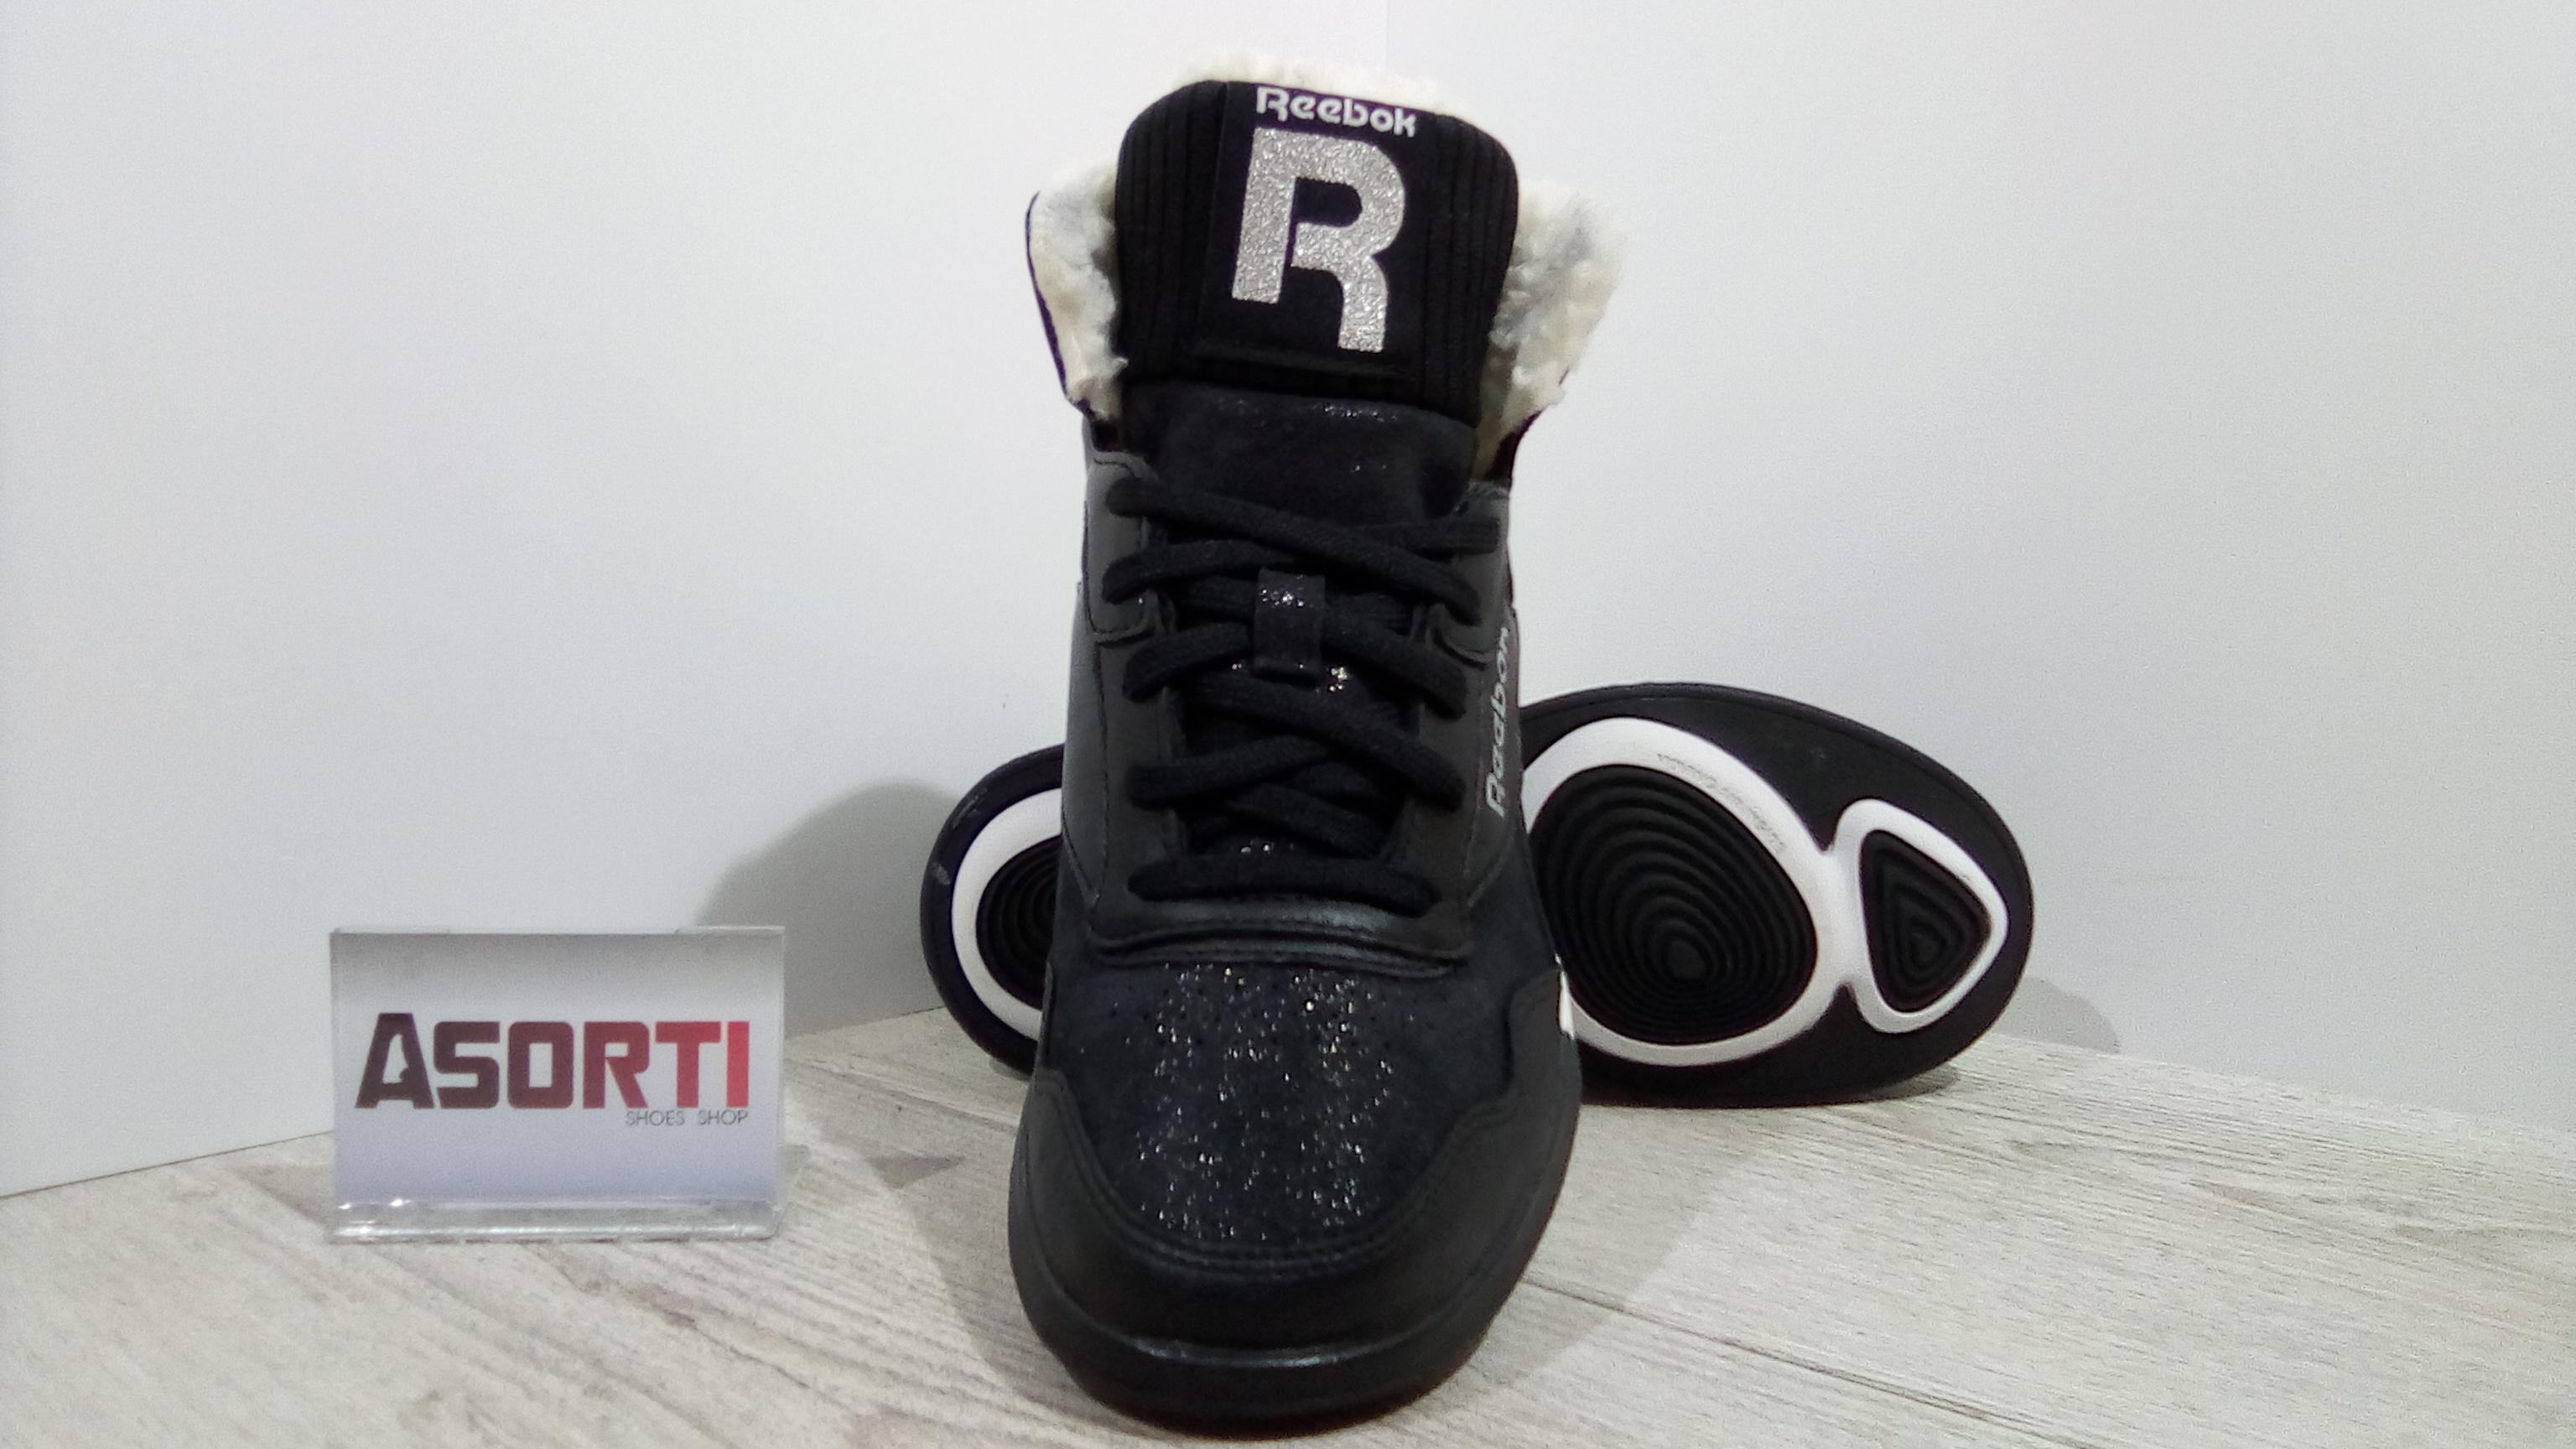 6b1591ff0adf Женские зимние кроссовки Reebok Easytone Rockeasy (V65415) черные ...